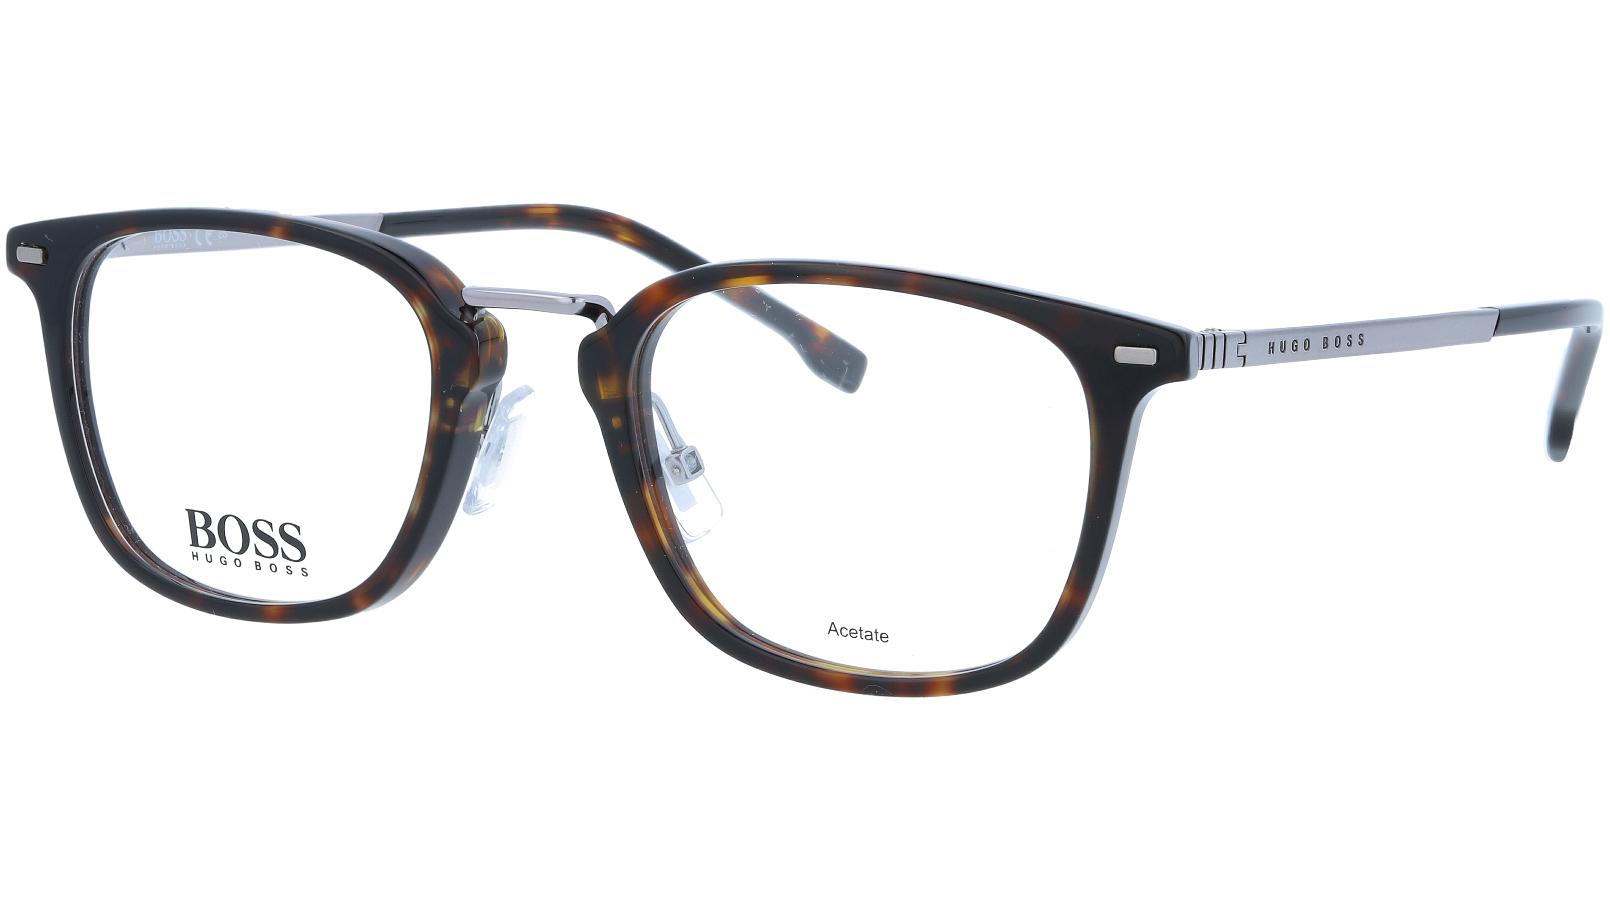 HUGO BOSS BOSS1057 086 52 DARK Glasses